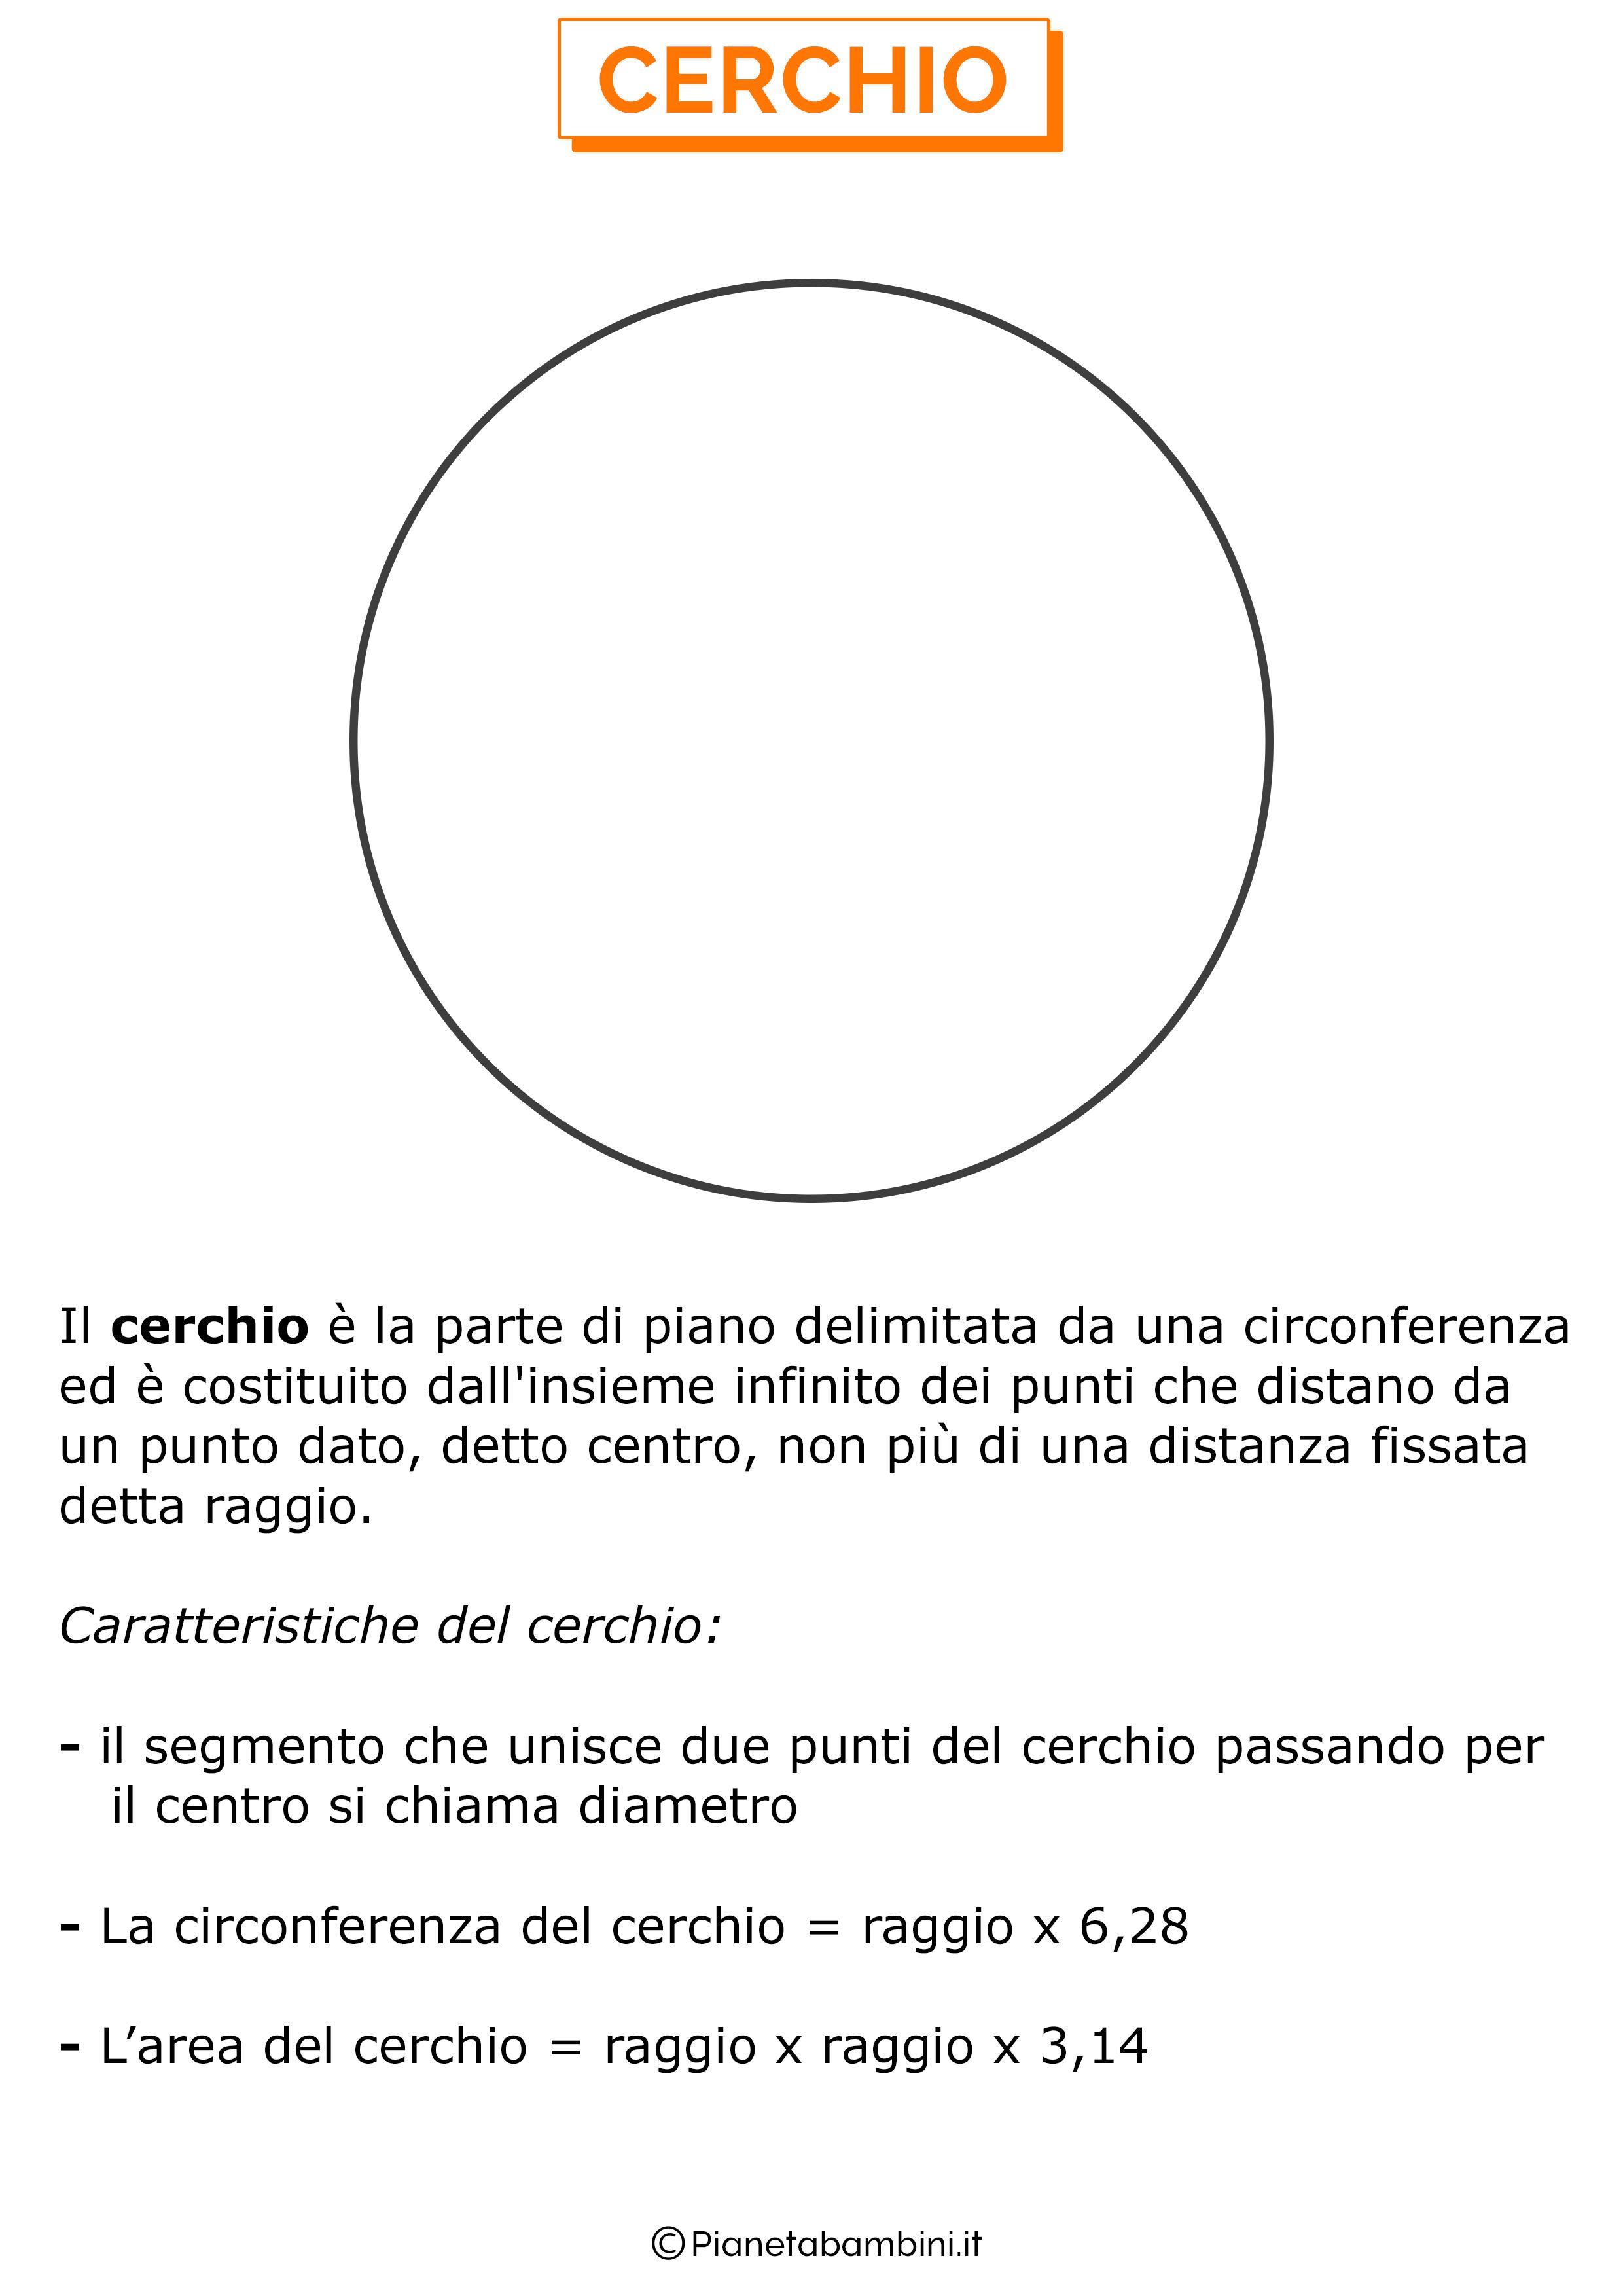 Caratteristiche del cerchio